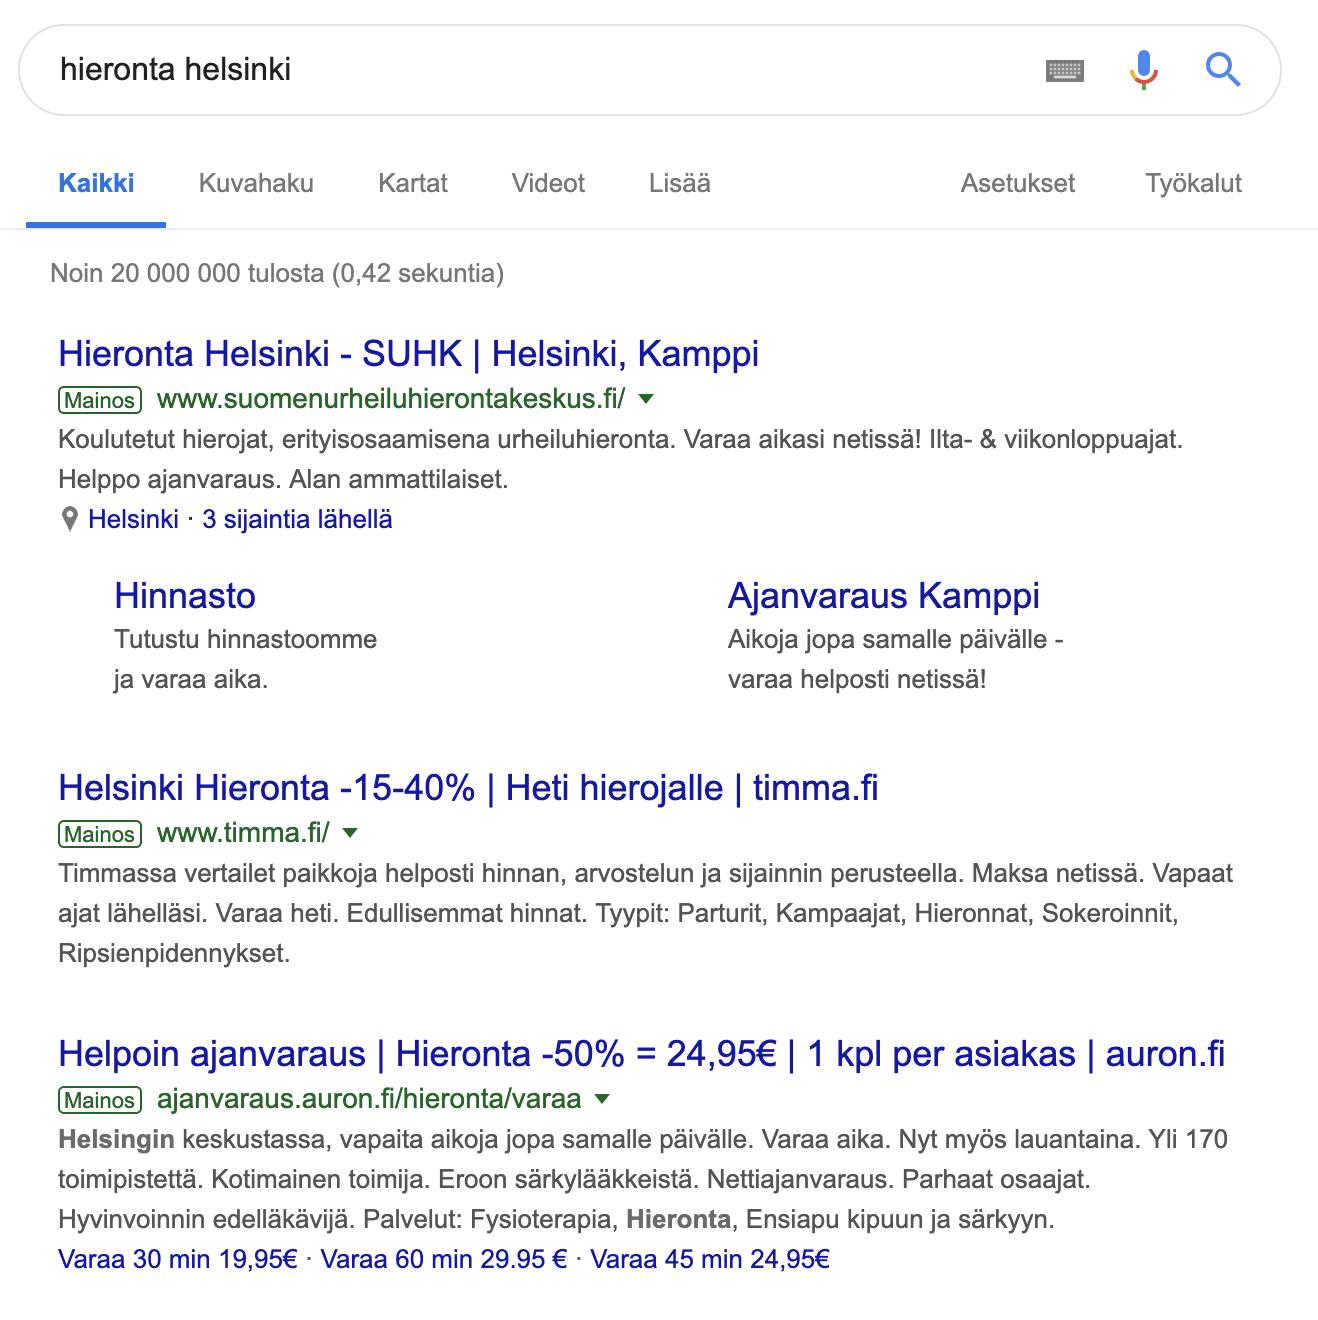 Yrityksen perustaminen: kuvakaappaus Googlen hakutulossivusta.